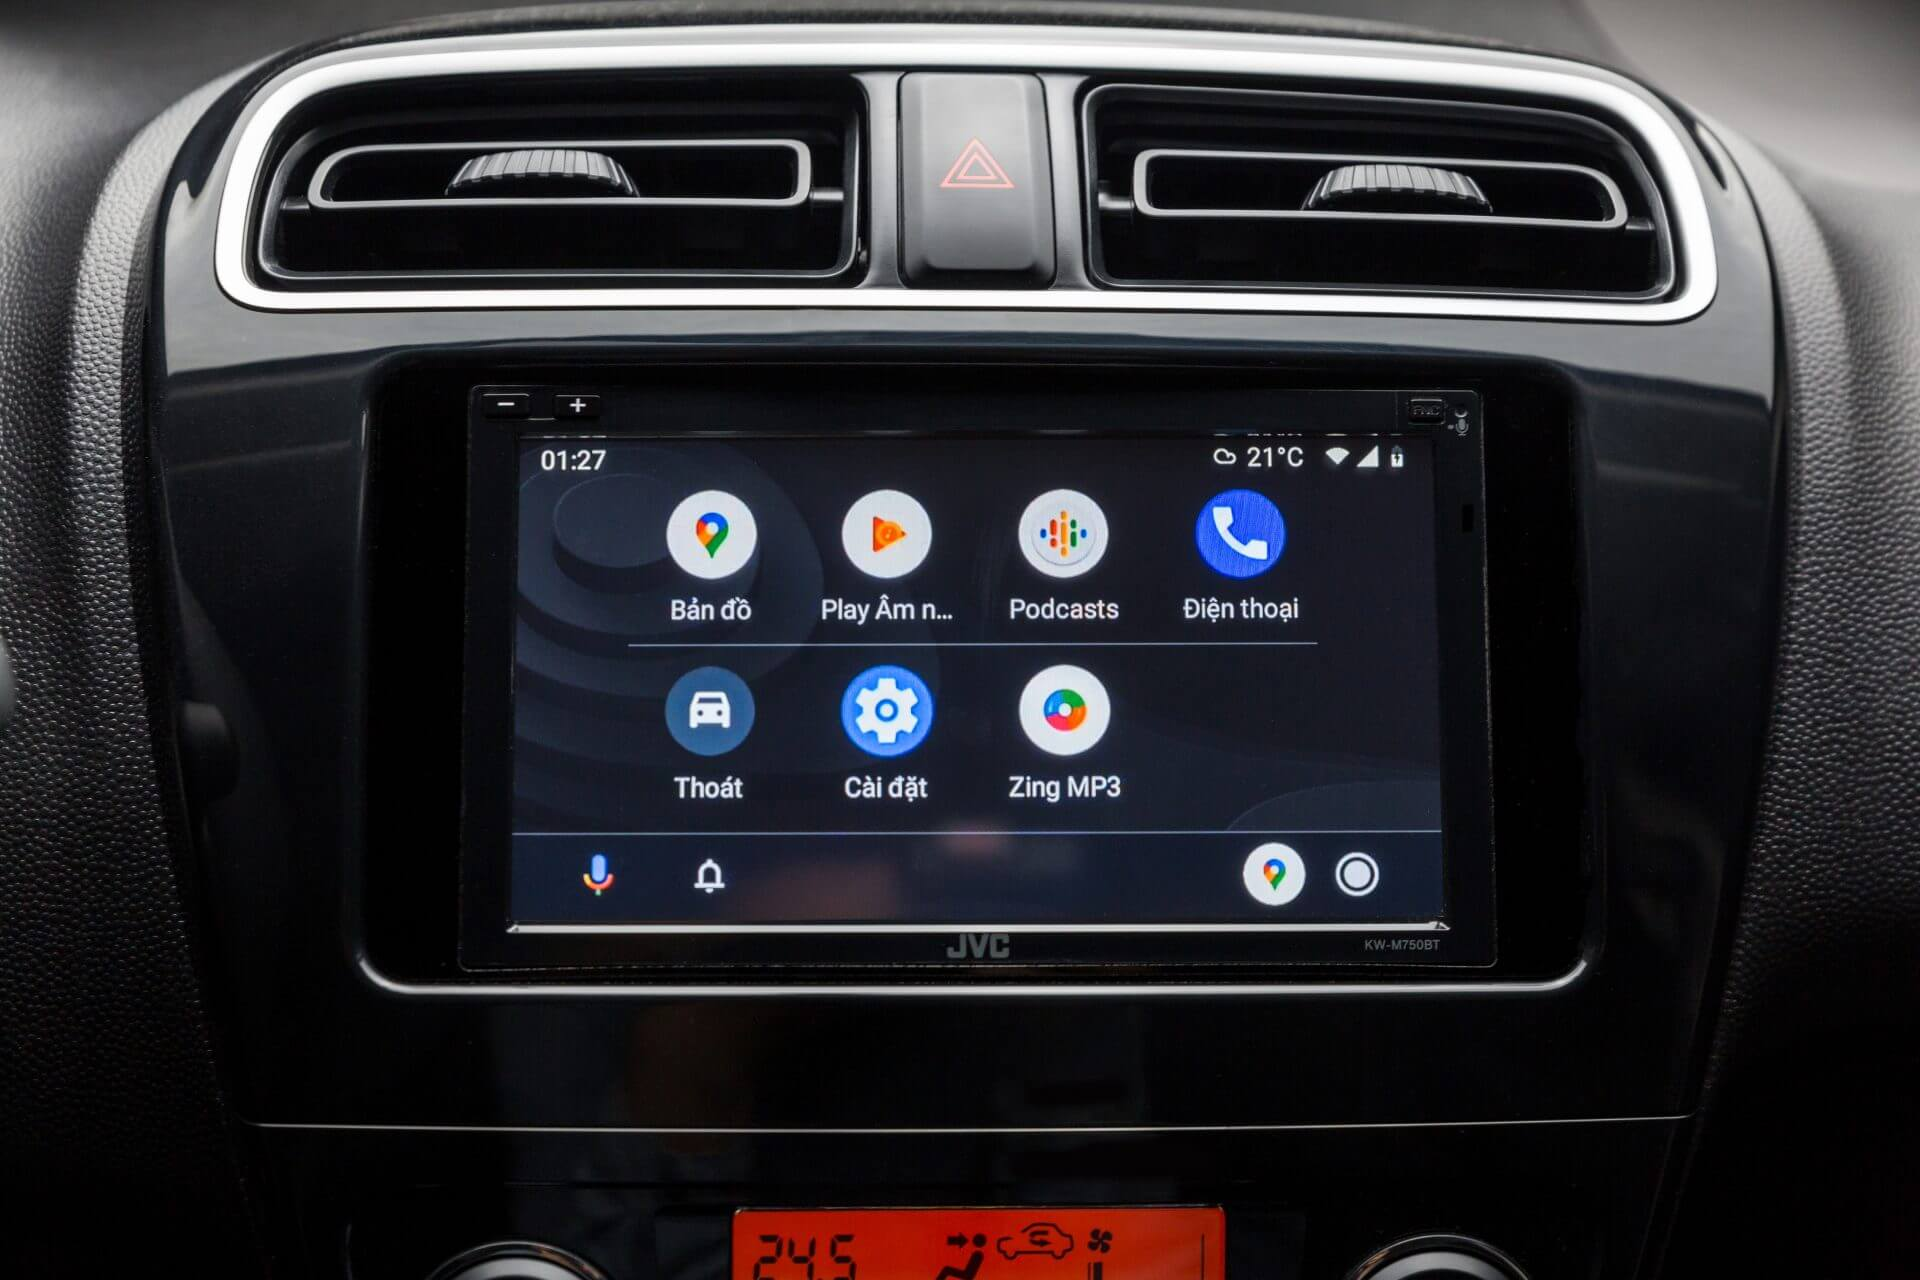 Màn hình giải trí mới với Apple Carplay và Androi Auto được trang bị trên Mitsubishi Attrage